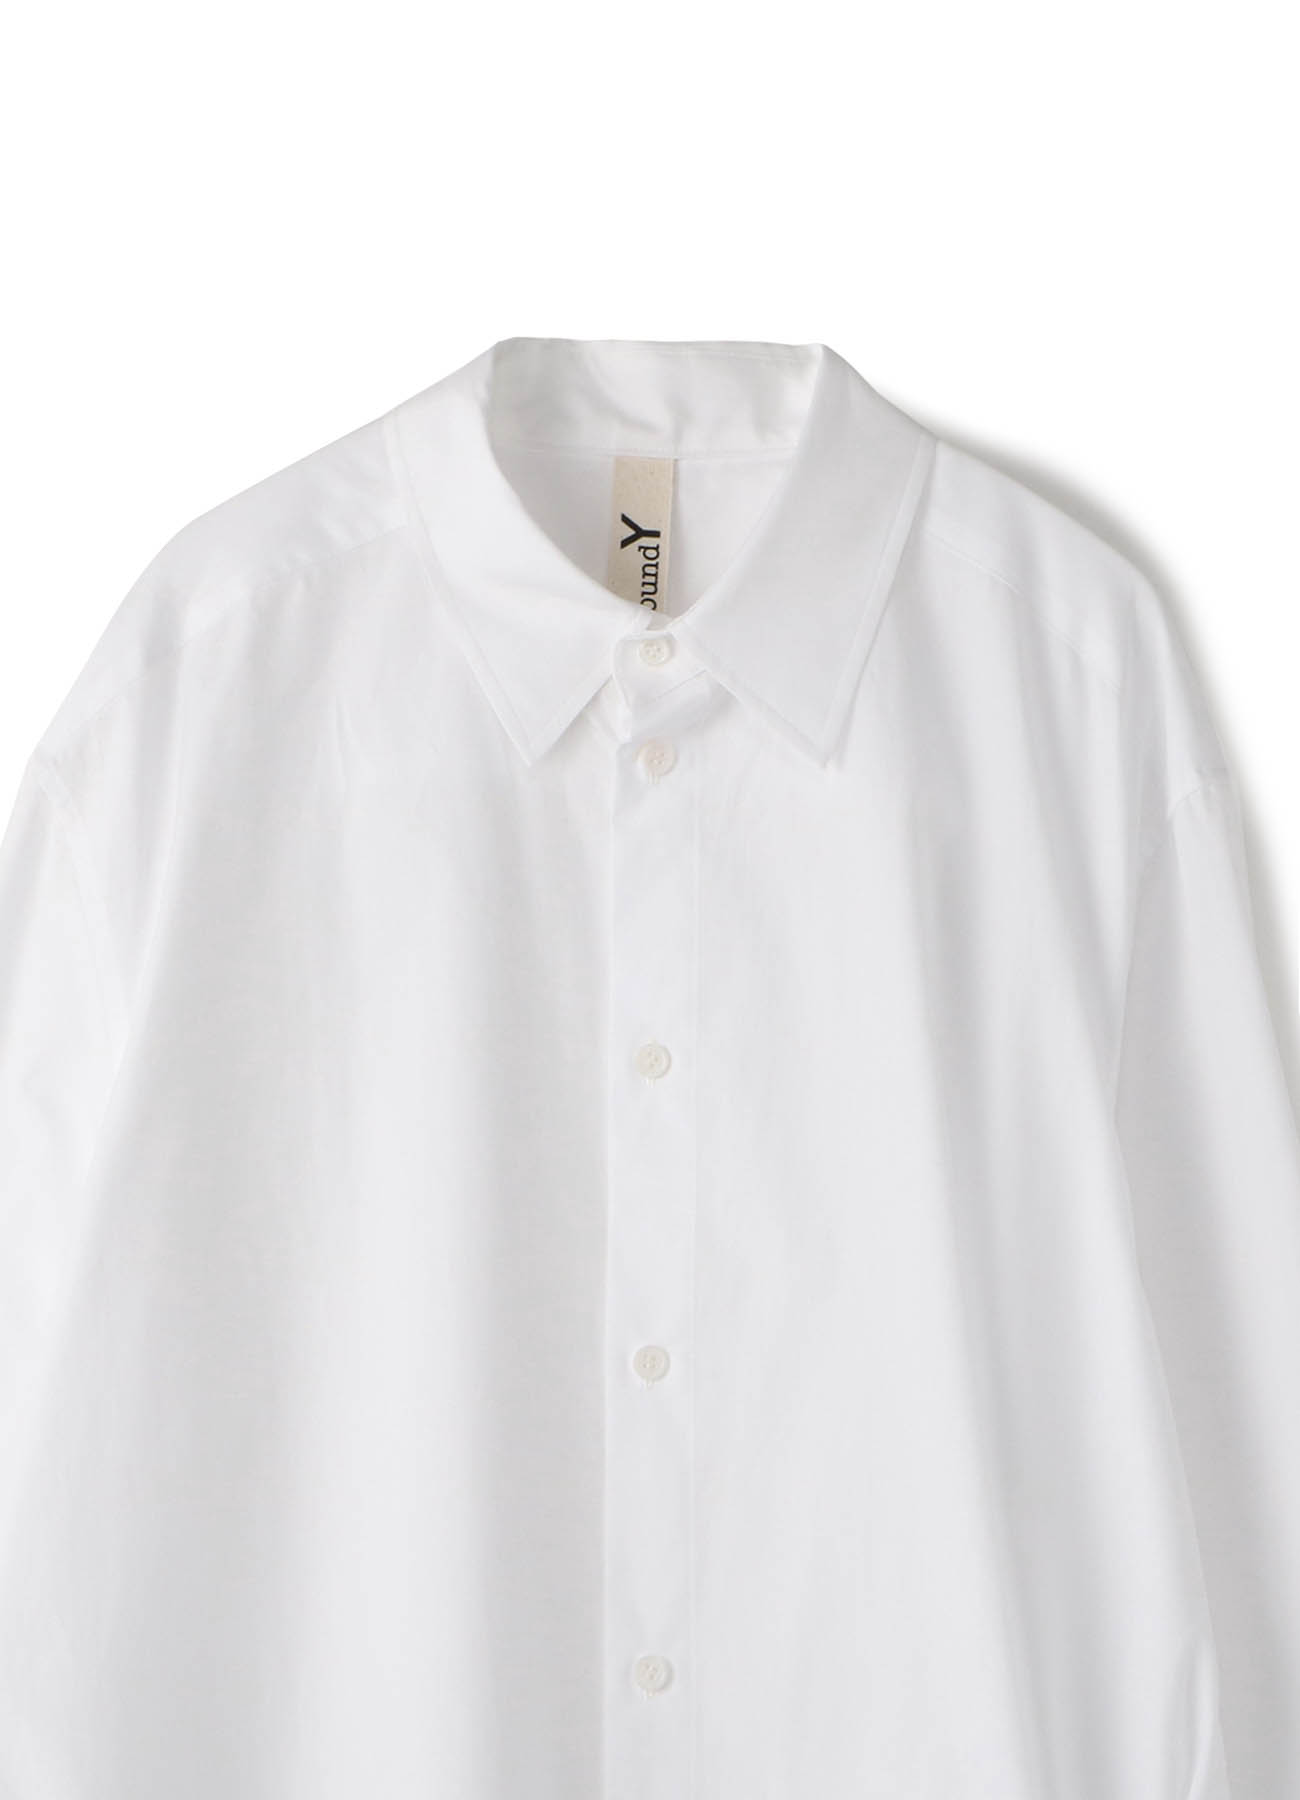 参差下摆宽松长袖衬衫